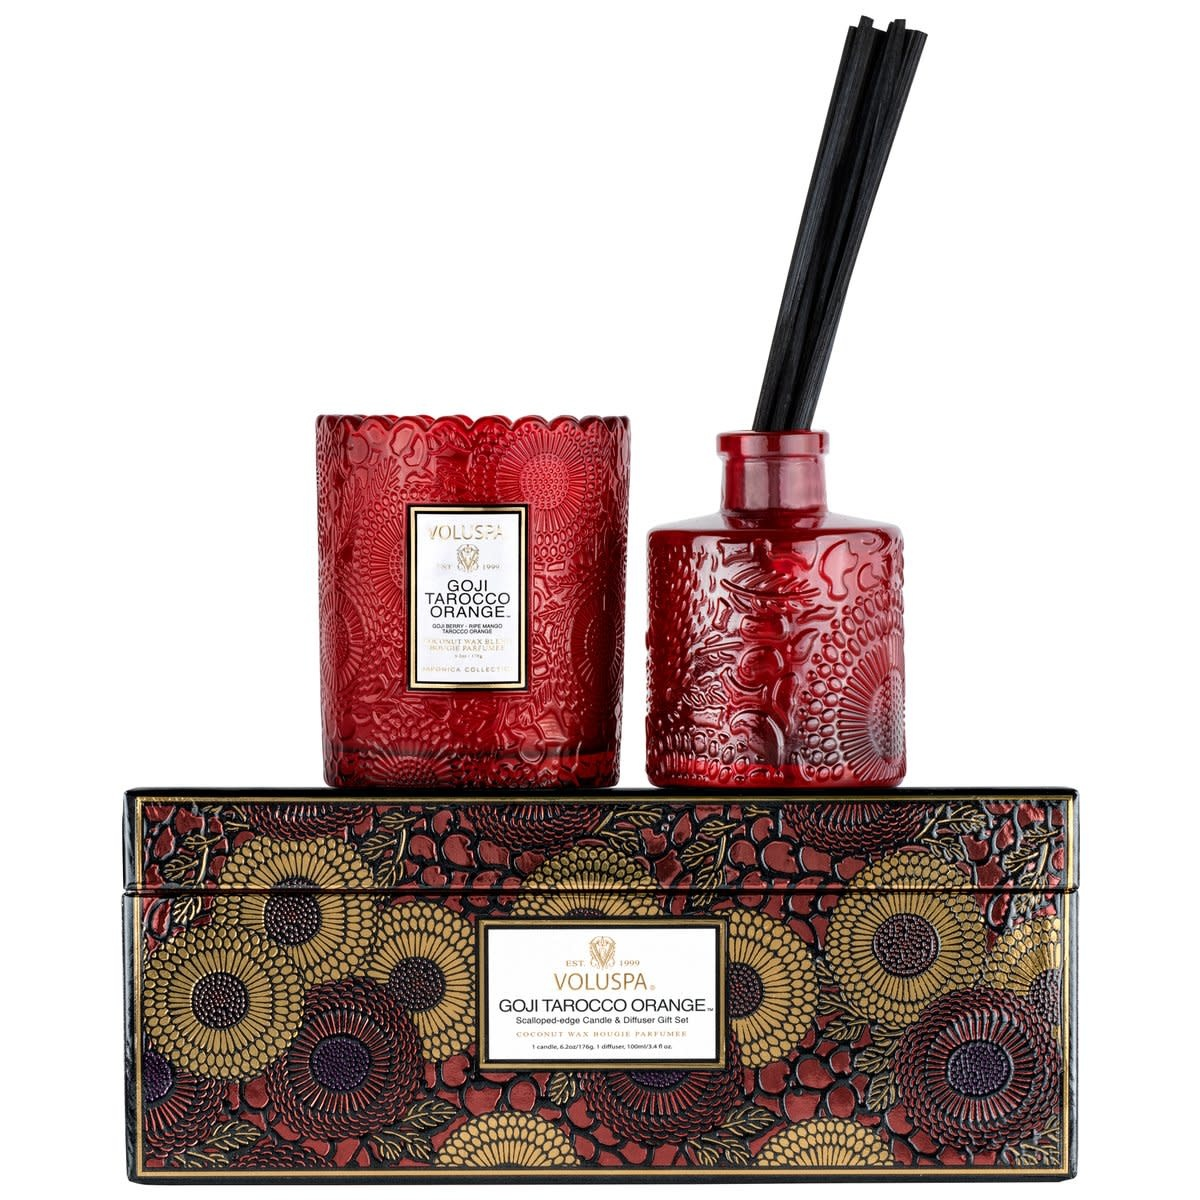 Voluspa Goji Scalloped Candle + Diffuser gift set